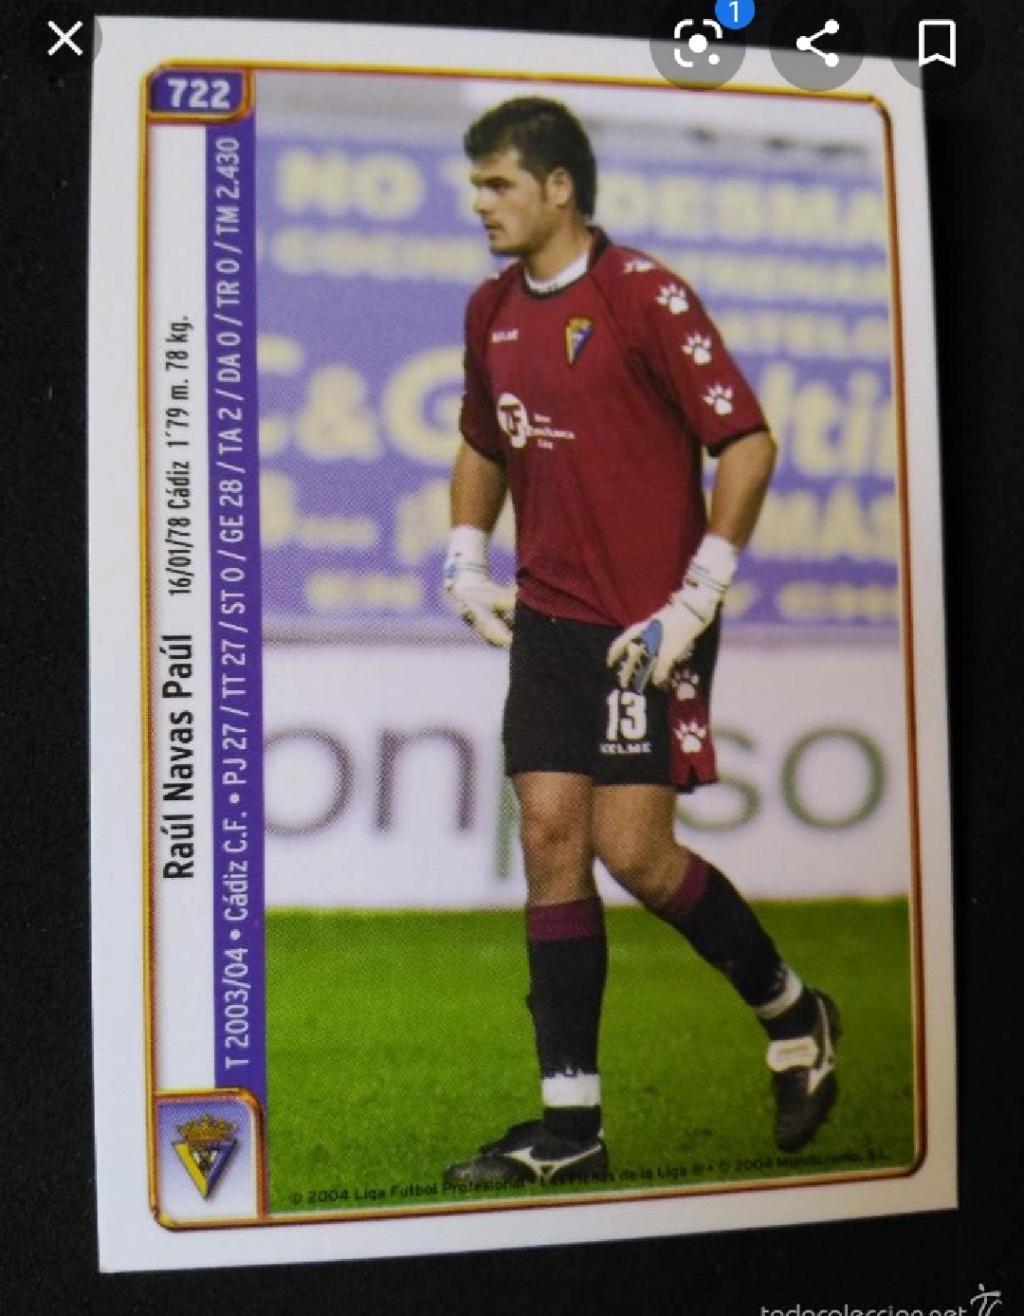 Los porteros más bajos de la historia del futbol -- Shortest goalkeepers in football - Página 11 Img_2066